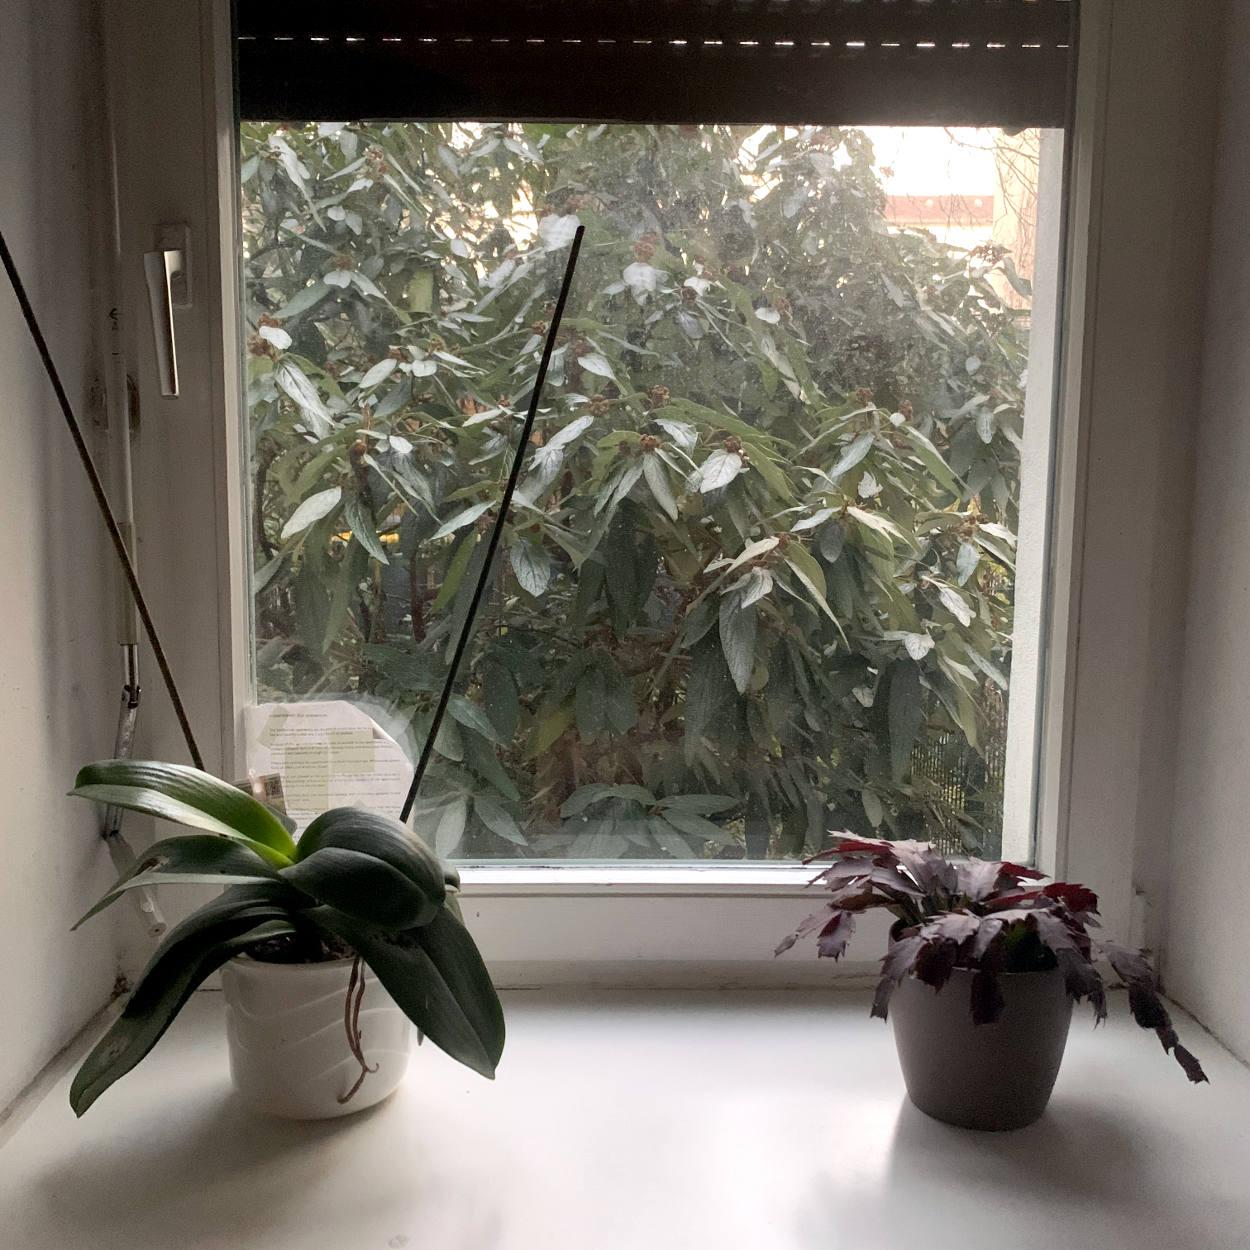 Zwei Orchideen auf einer Fensterbank, draußen ein wuchernder Rhododendron.